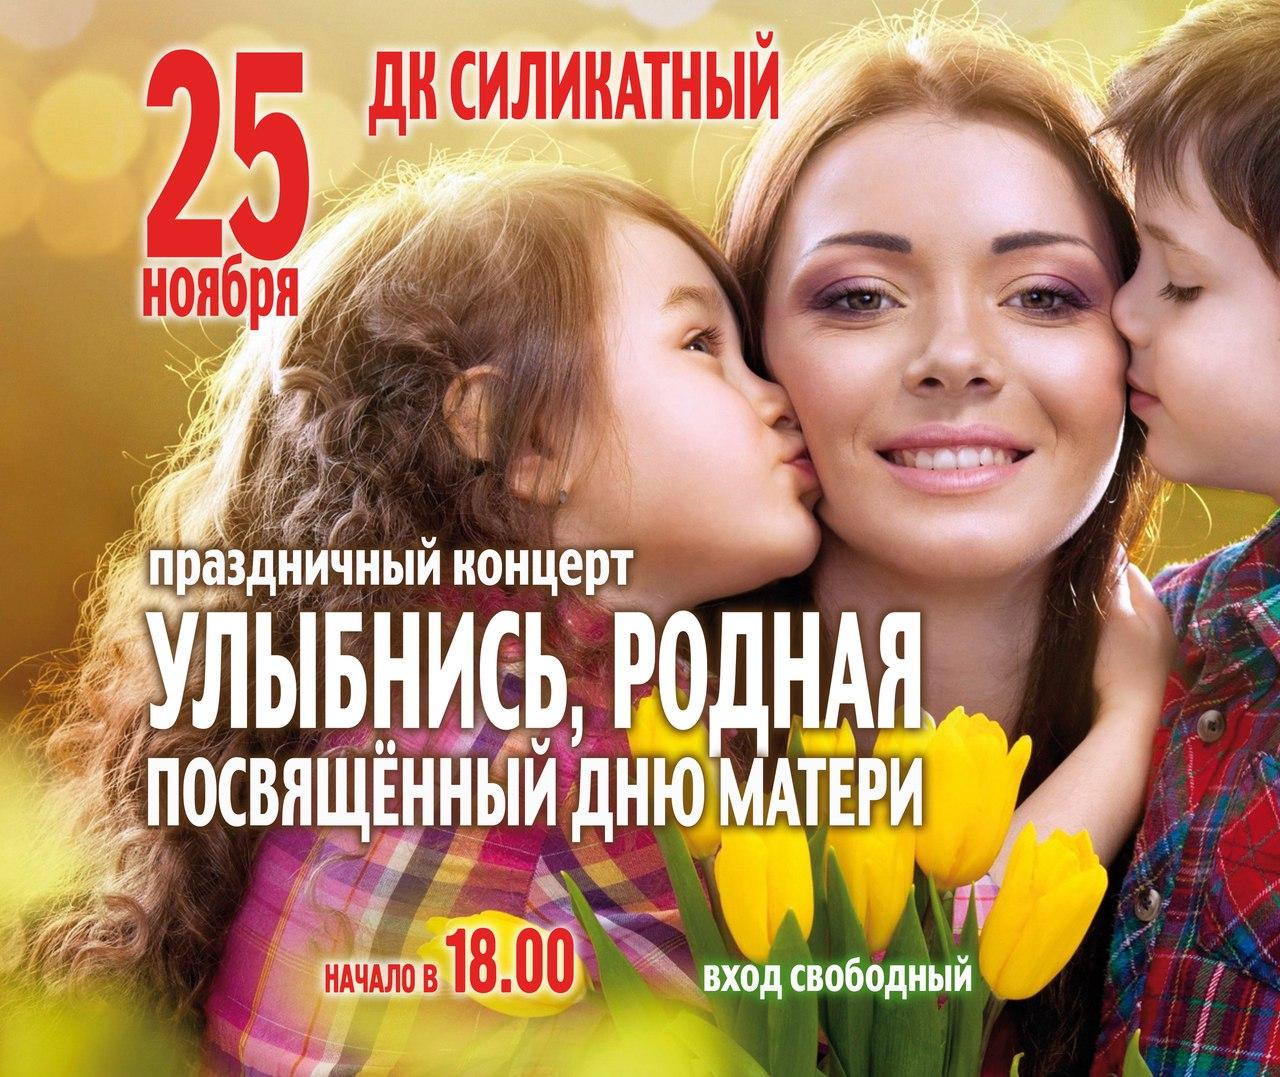 Праздничный концерт, посвящённый Дню матери